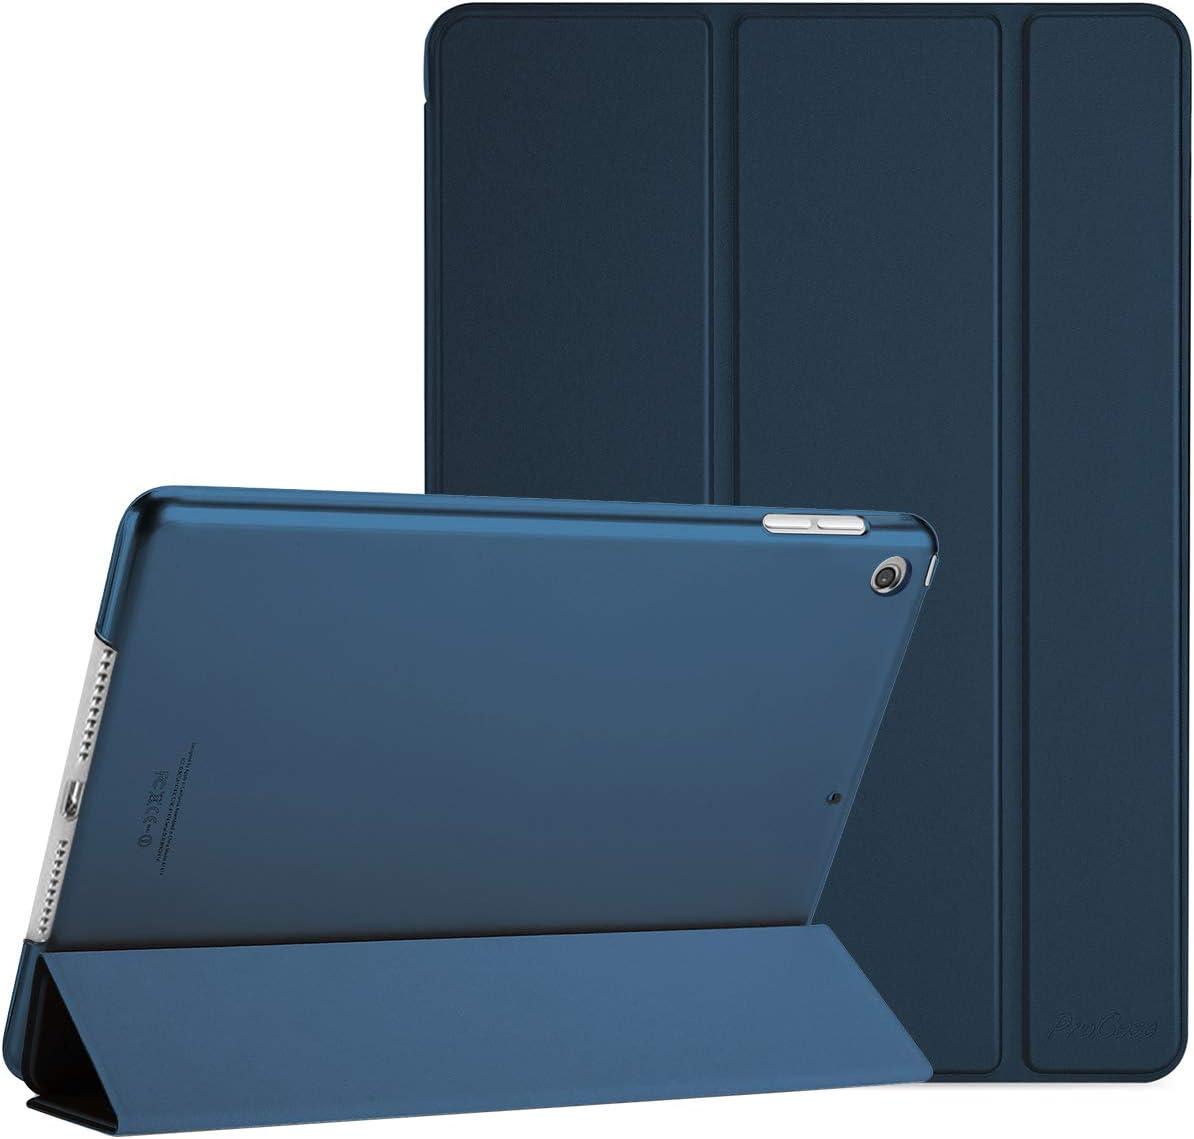 ProCase Funda Inteligente para iPad Mini 2019, Carcasa Folio Ligera y Delgada con Smart Cover / Reverso Translúcido Esmerilado / Soporte, para Apple iPad Mini 5ª Generación –Azul Marino